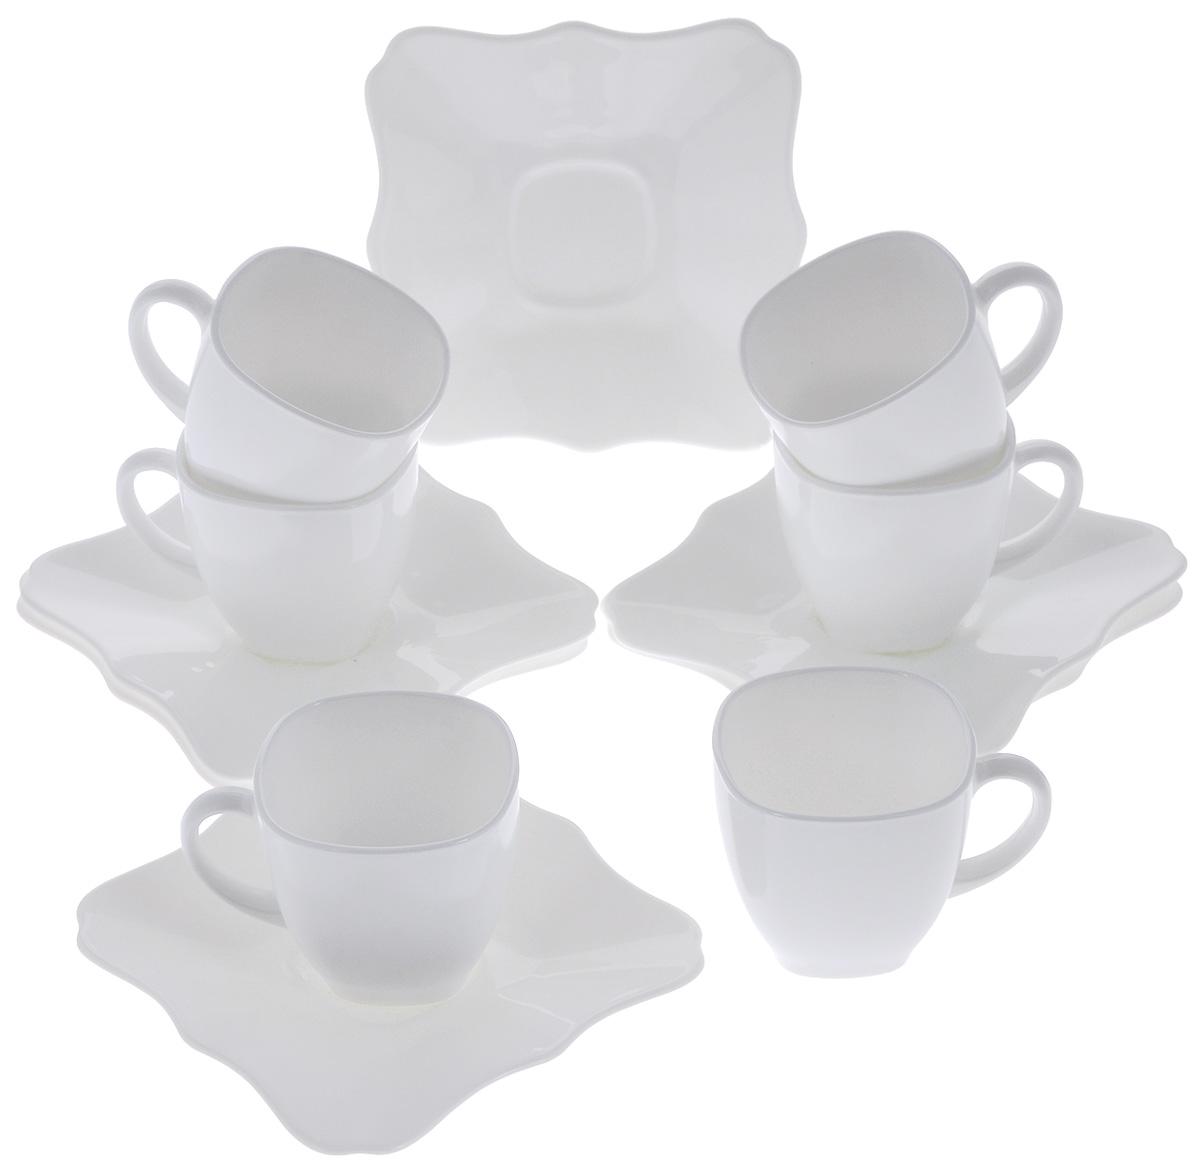 Набор чайный Luminarc Authentic, цвет: белый, 12 предметовD8766Чайный набор Luminarc Authentic состоит из 6 чашек и 6 блюдец. Изделия выполнены из высококачественного ударопрочного стекла, имеют строгий лаконичный дизайн. Блюдца квадратной формы декорированы красивыми резными краями. Посуда отличается прочностью, гигиеничностью и долгим сроком службы, она устойчива к появлению царапин и резким перепадам температур. Такой набор прекрасно подойдет как для повседневного использования, так и для праздников или особенных случаев. Чайный набор Luminarc Authentic - это не только яркий и полезный подарок для родных и близких, это также великолепное дизайнерское решение для вашей кухни или столовой. Объем чашки: 220 мл. Размер чашки: 7,5 см х 7,5 см х 7,5 см. Размер блюдца: 15 см х 15 см х 1,6 см.